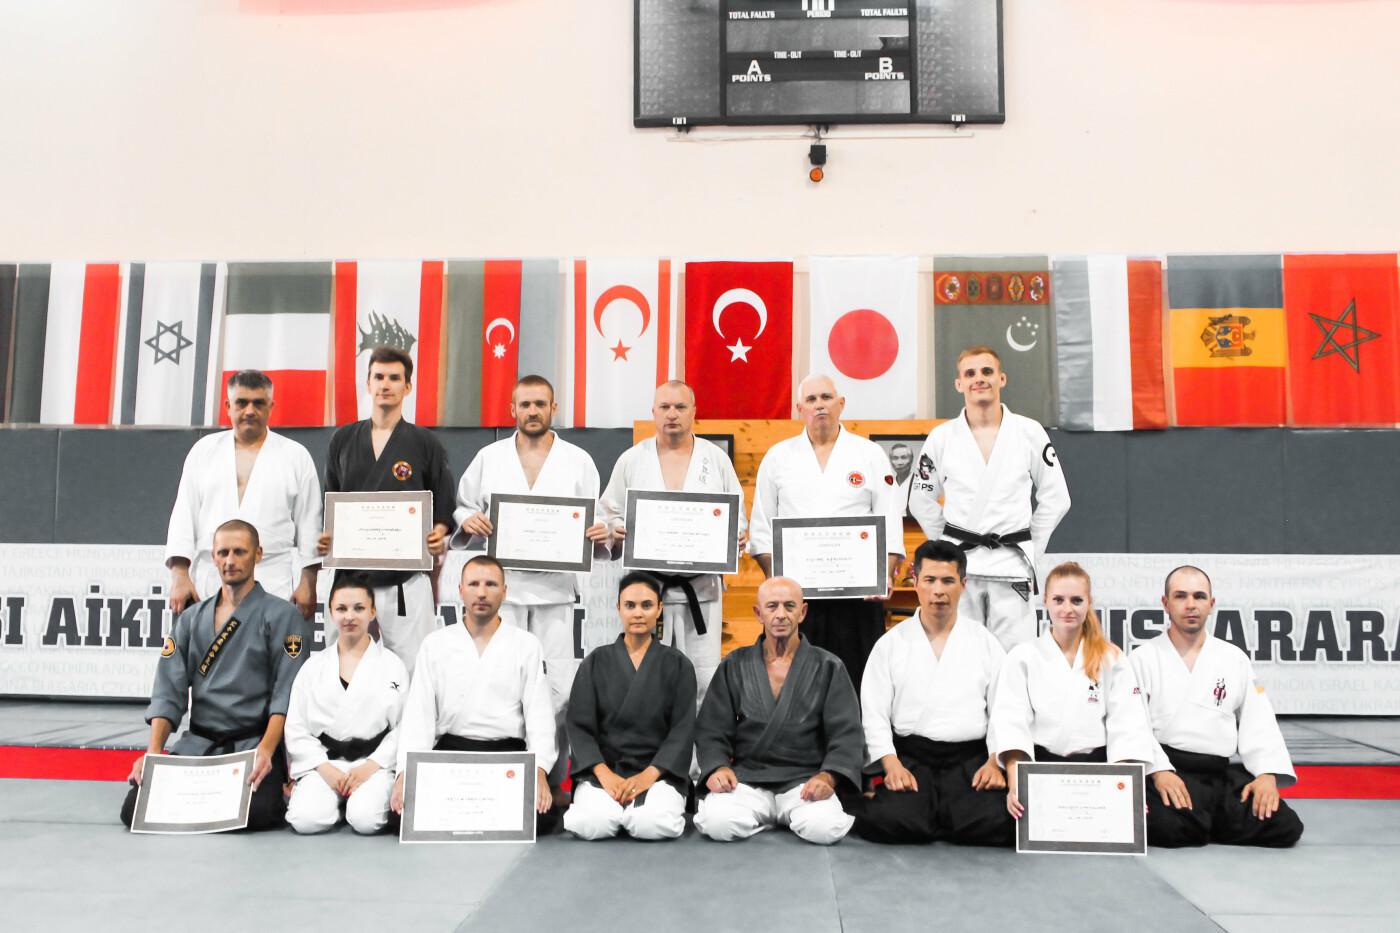 Білоцерківські спортсмени взяли участь у Міжнародному фестивалі айкідо, фото-11